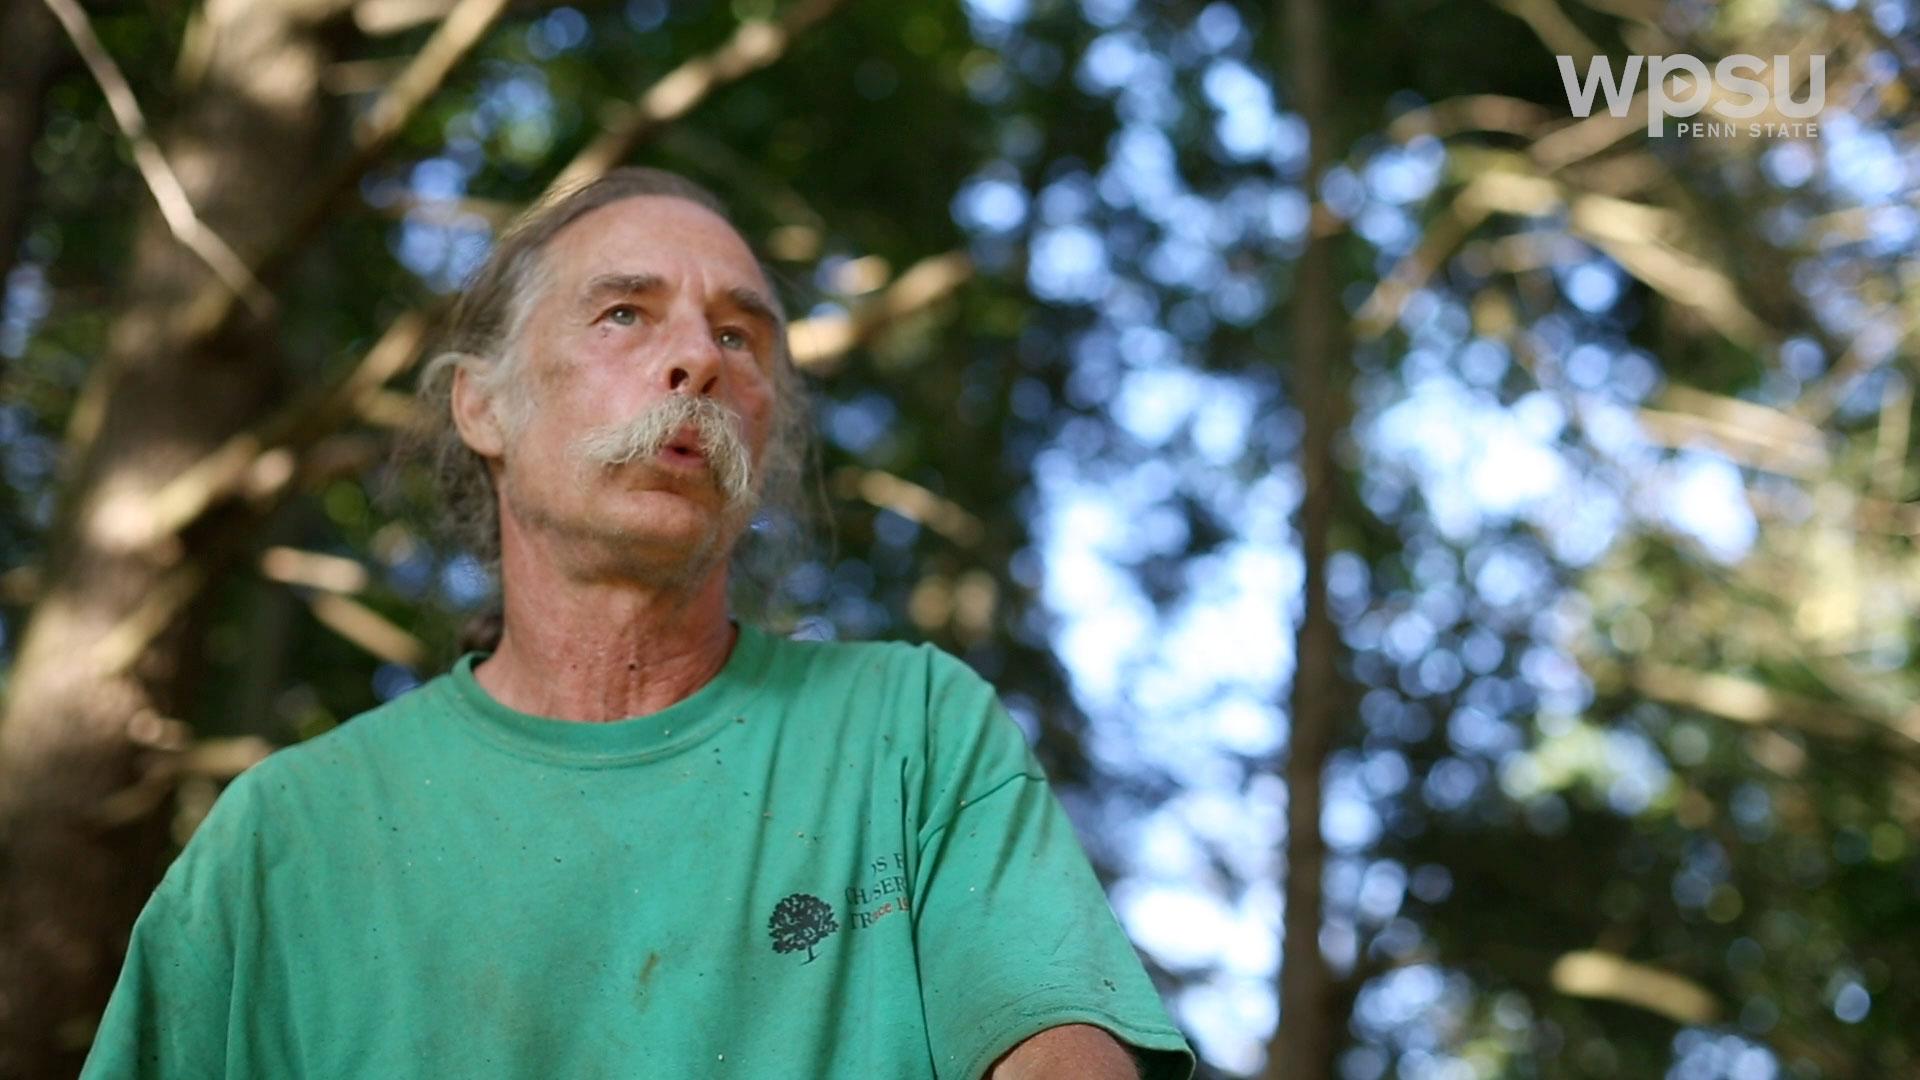 Martin Melville whistling